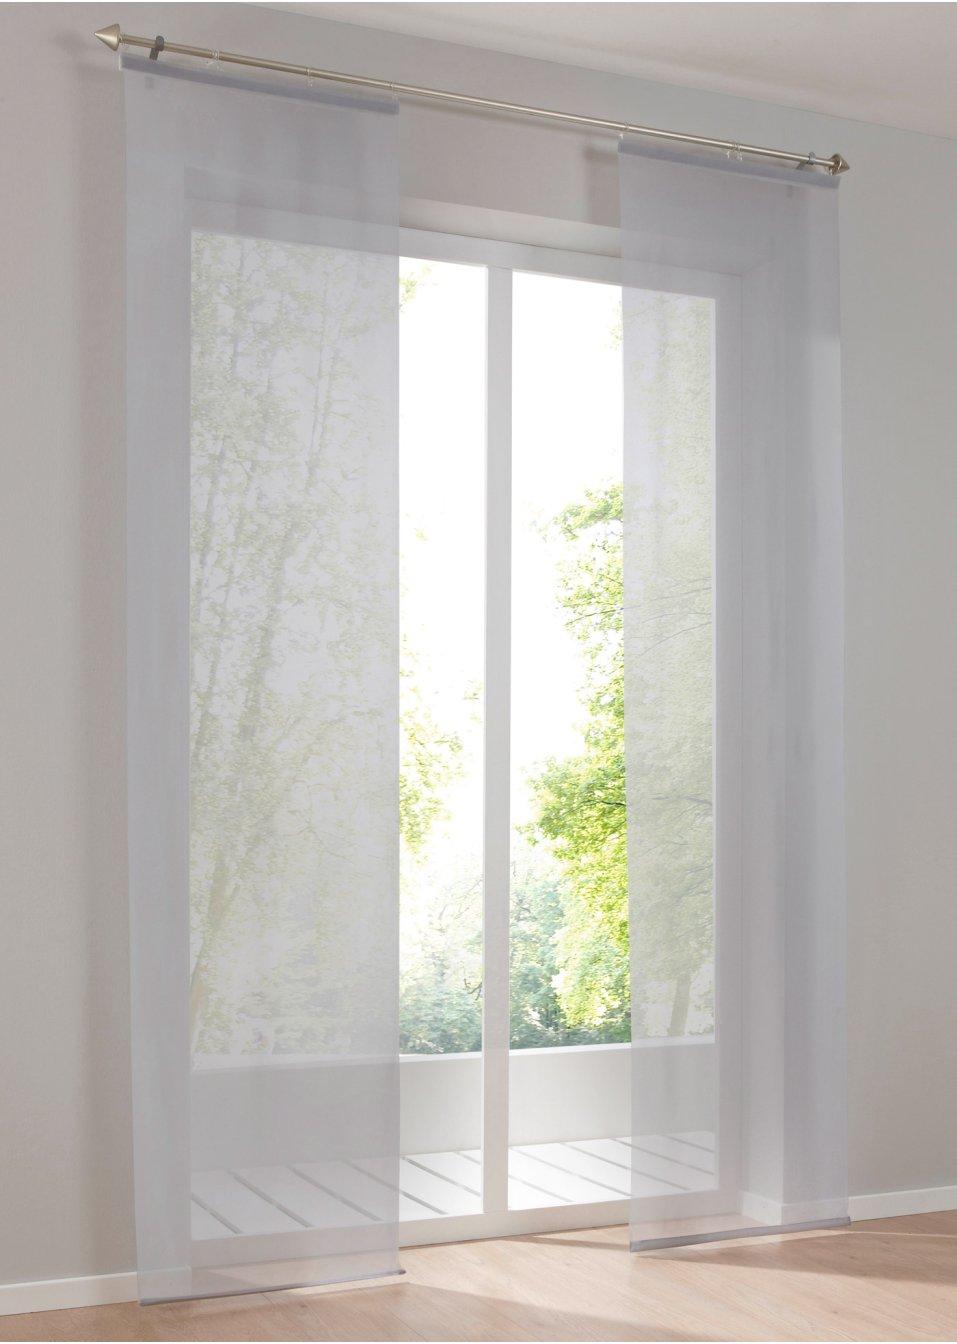 panneau coulissant voile uni 1 pce argent maison bpc living. Black Bedroom Furniture Sets. Home Design Ideas